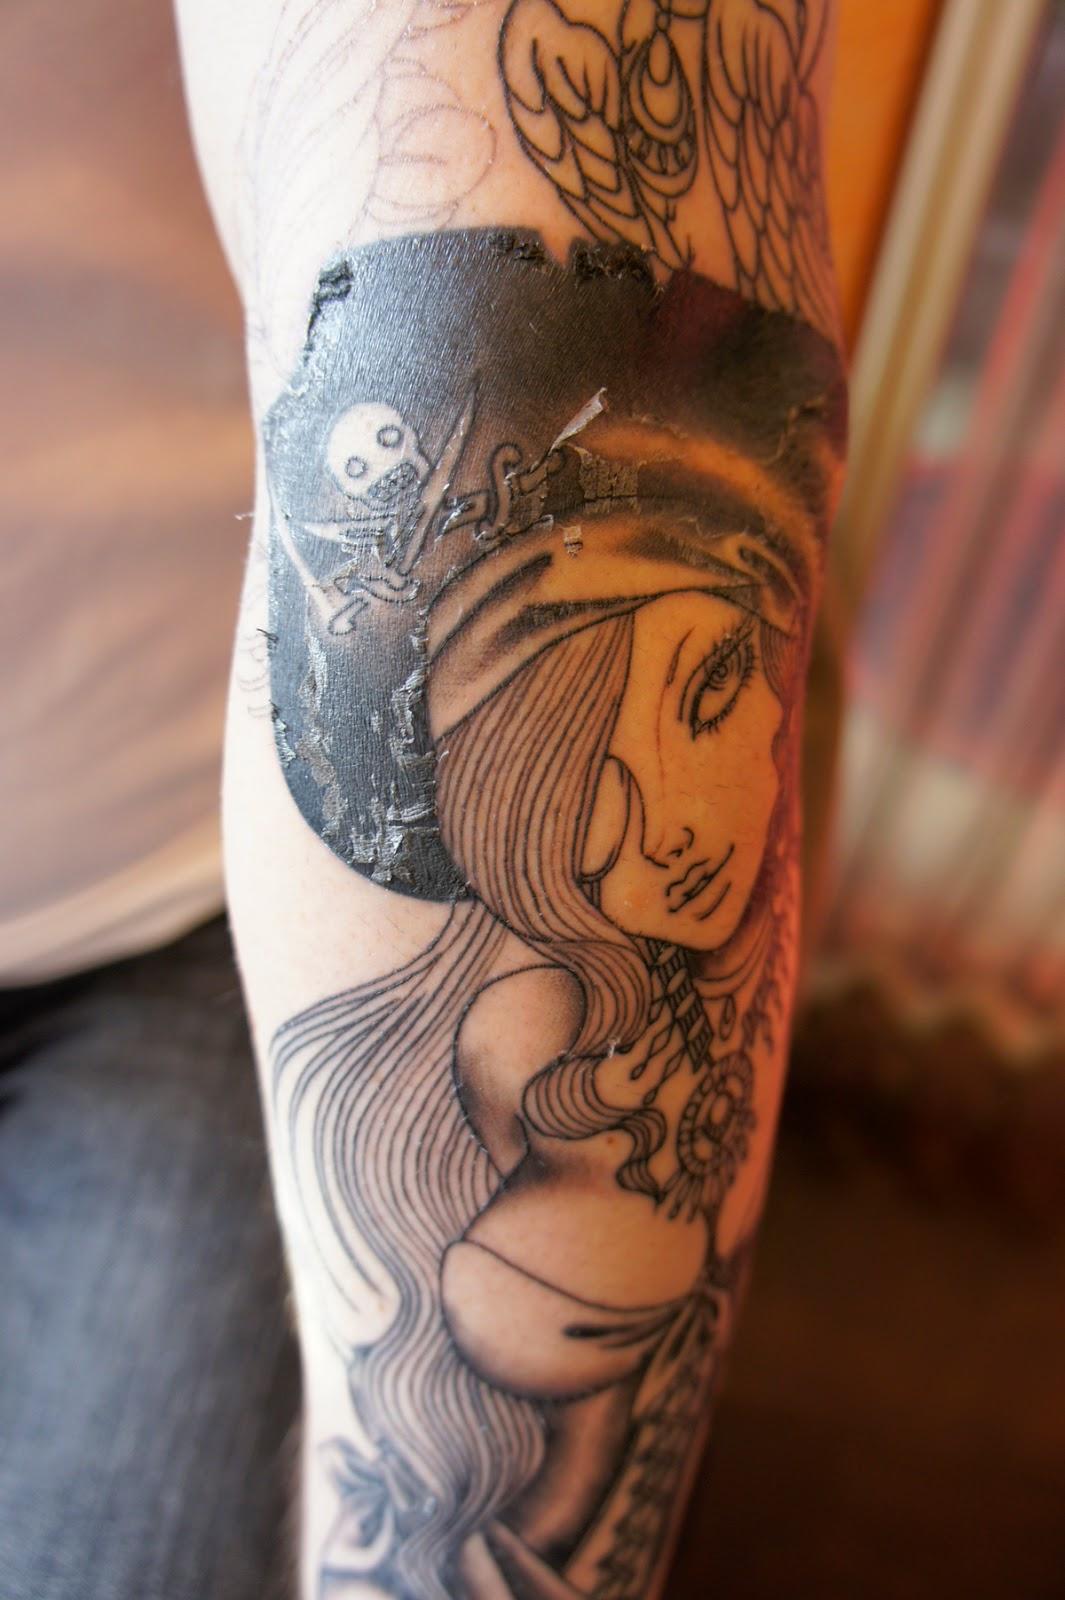 タトゥー pin up girl tattoo ピンナップガール パイレーツガール pirates